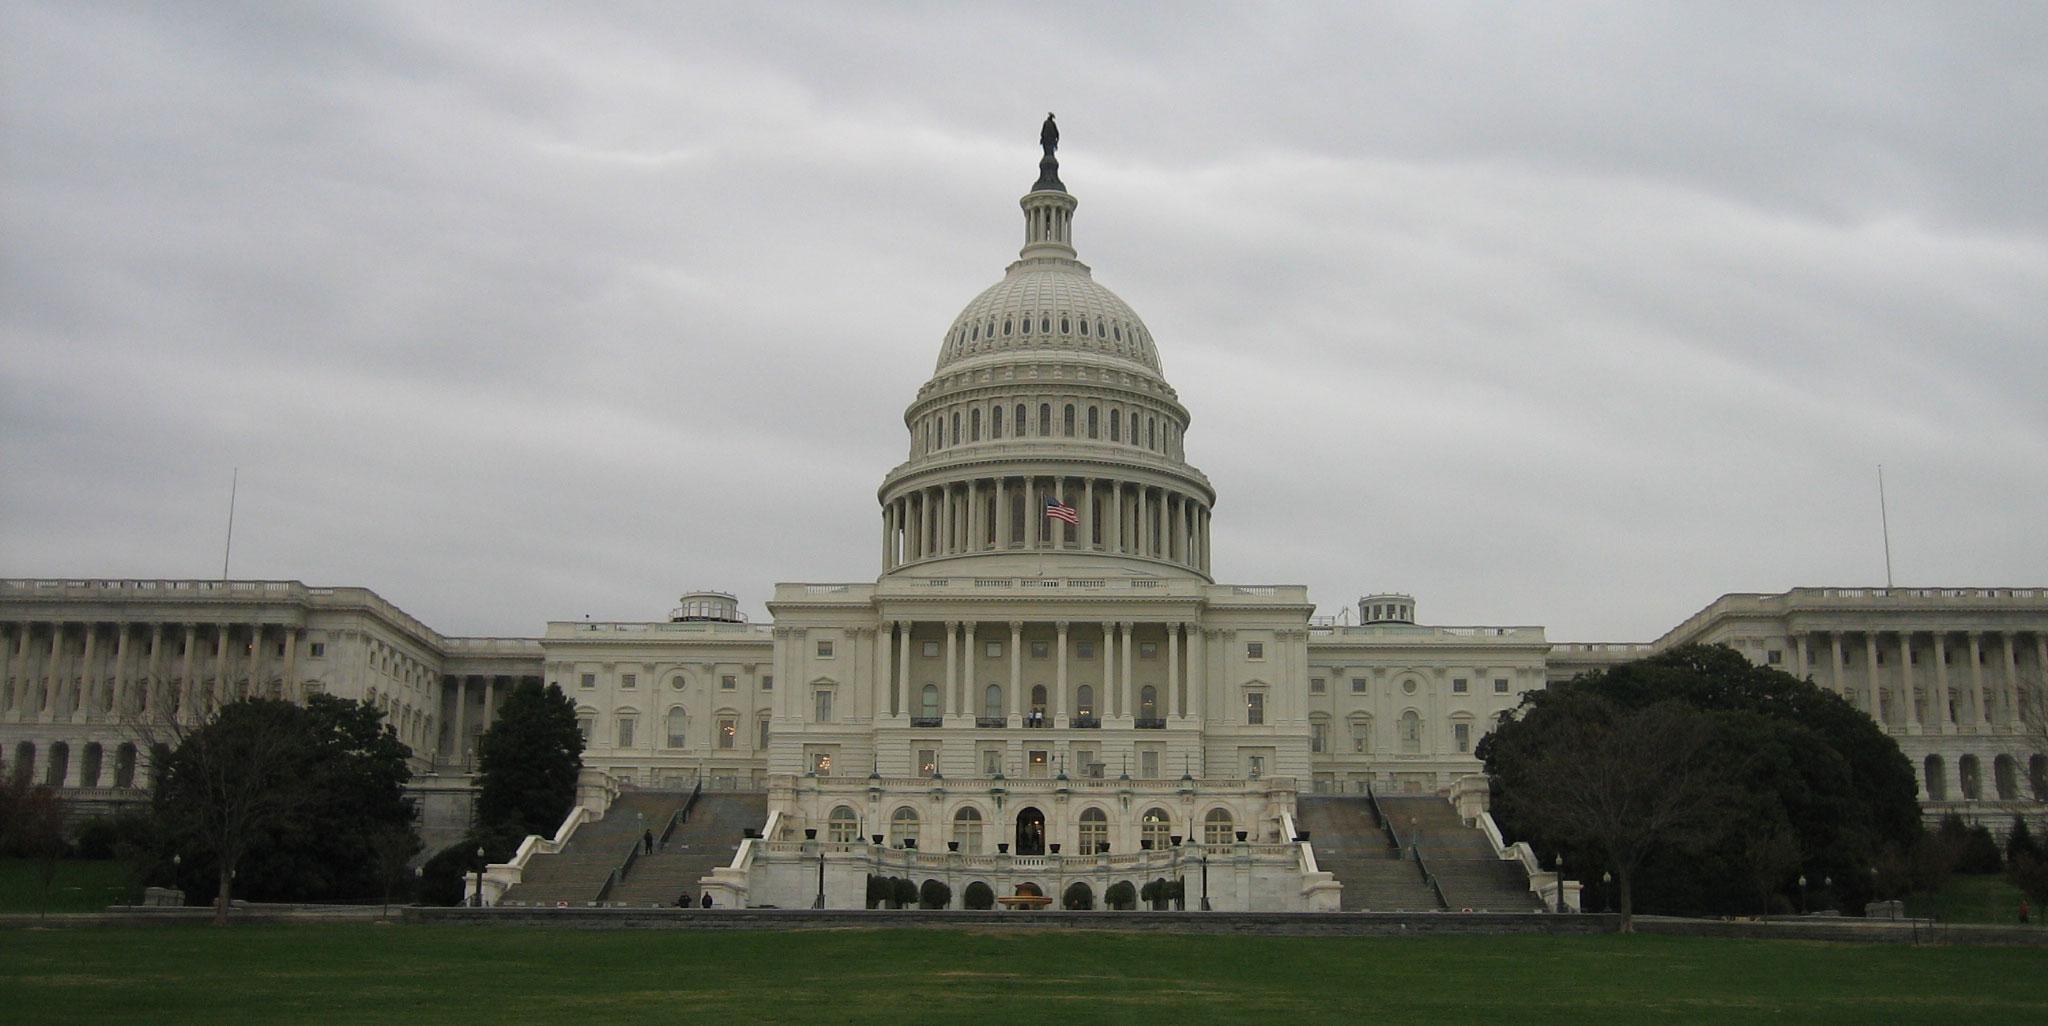 برنده و بازنده تعطیلی دولت فدرال آمریکا کیست؟